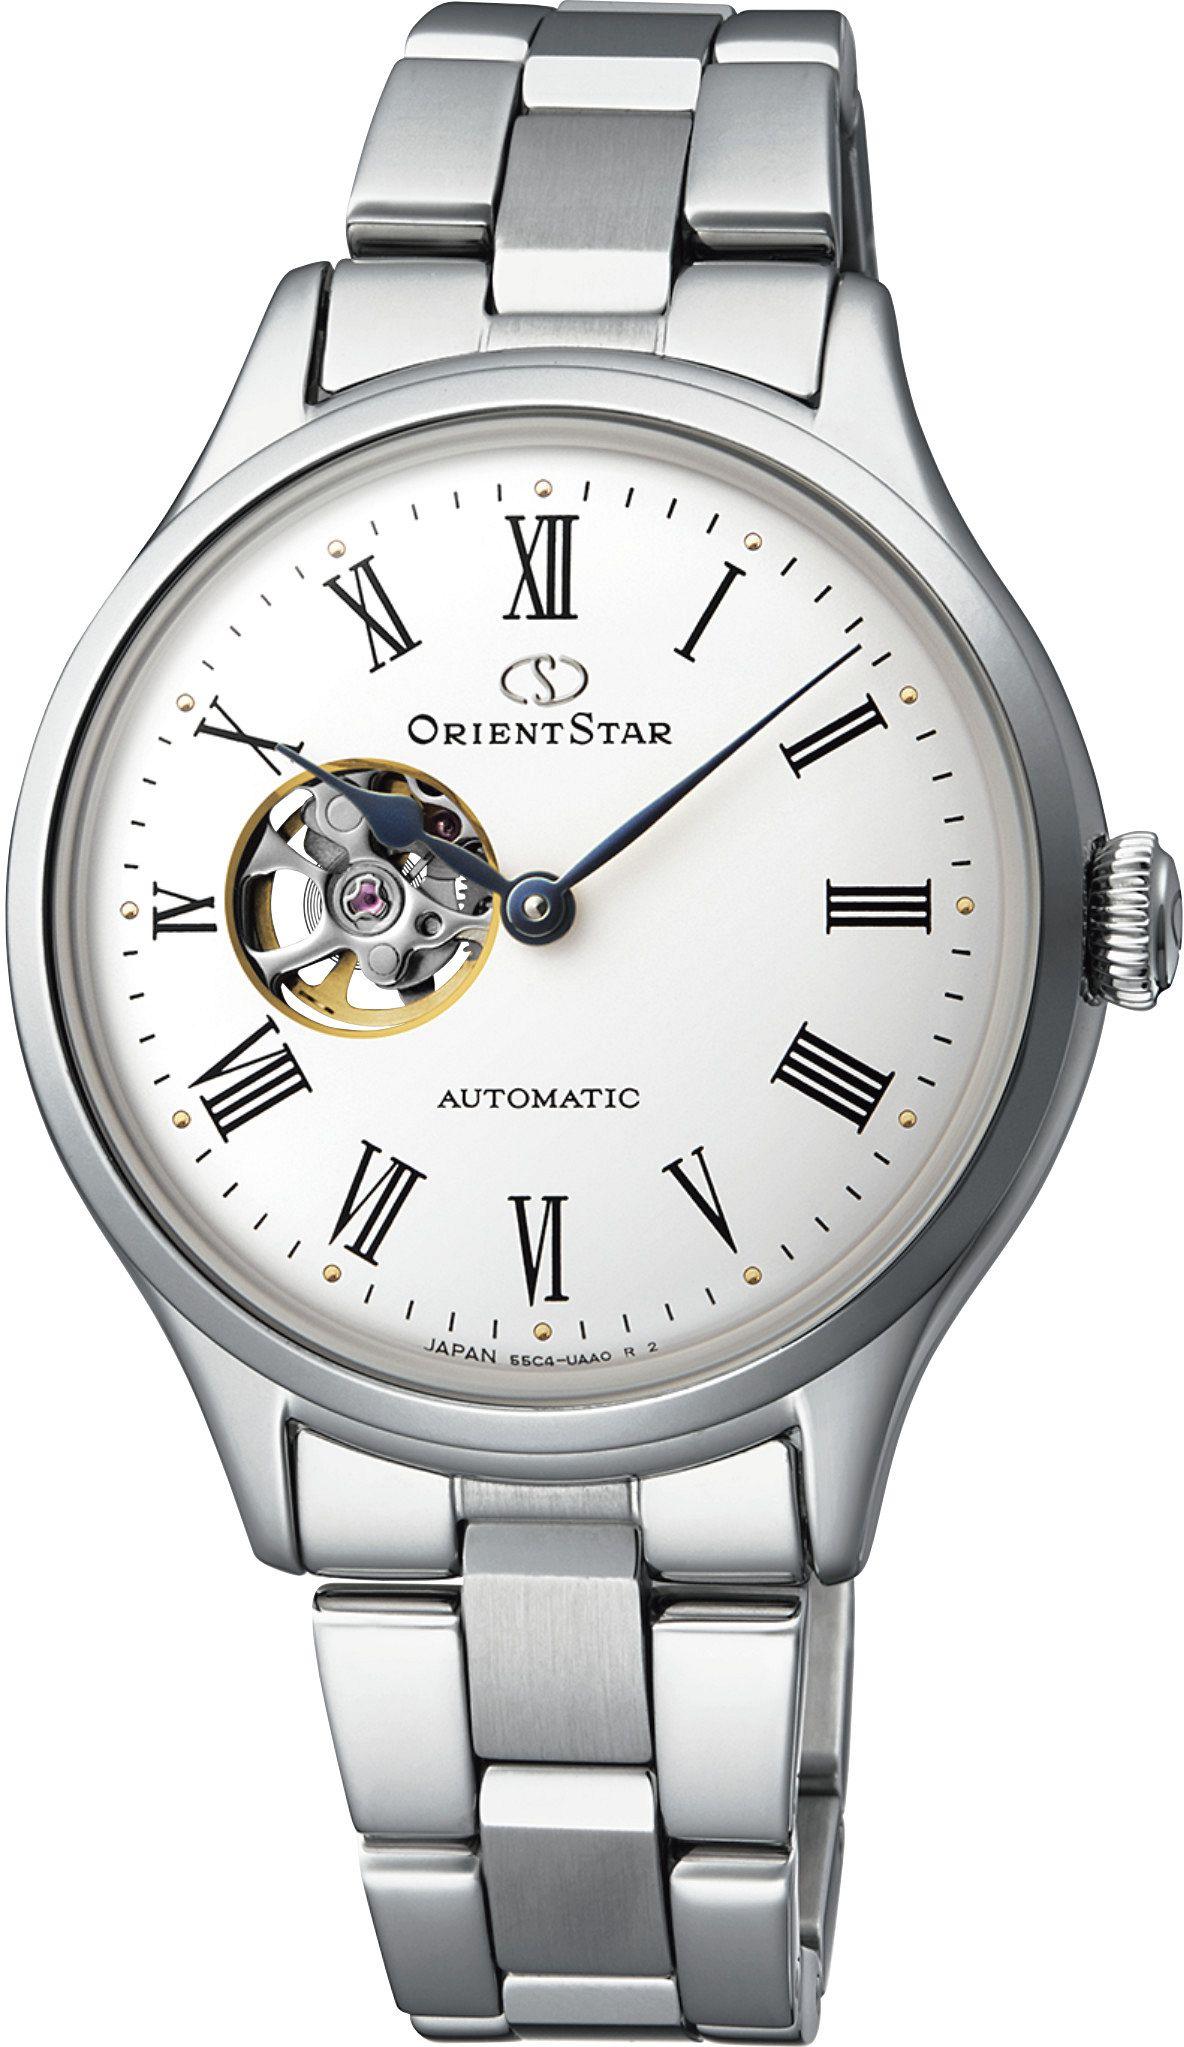 zegarek-damski-orient-star-classic-automatic-re-nd0002s00b